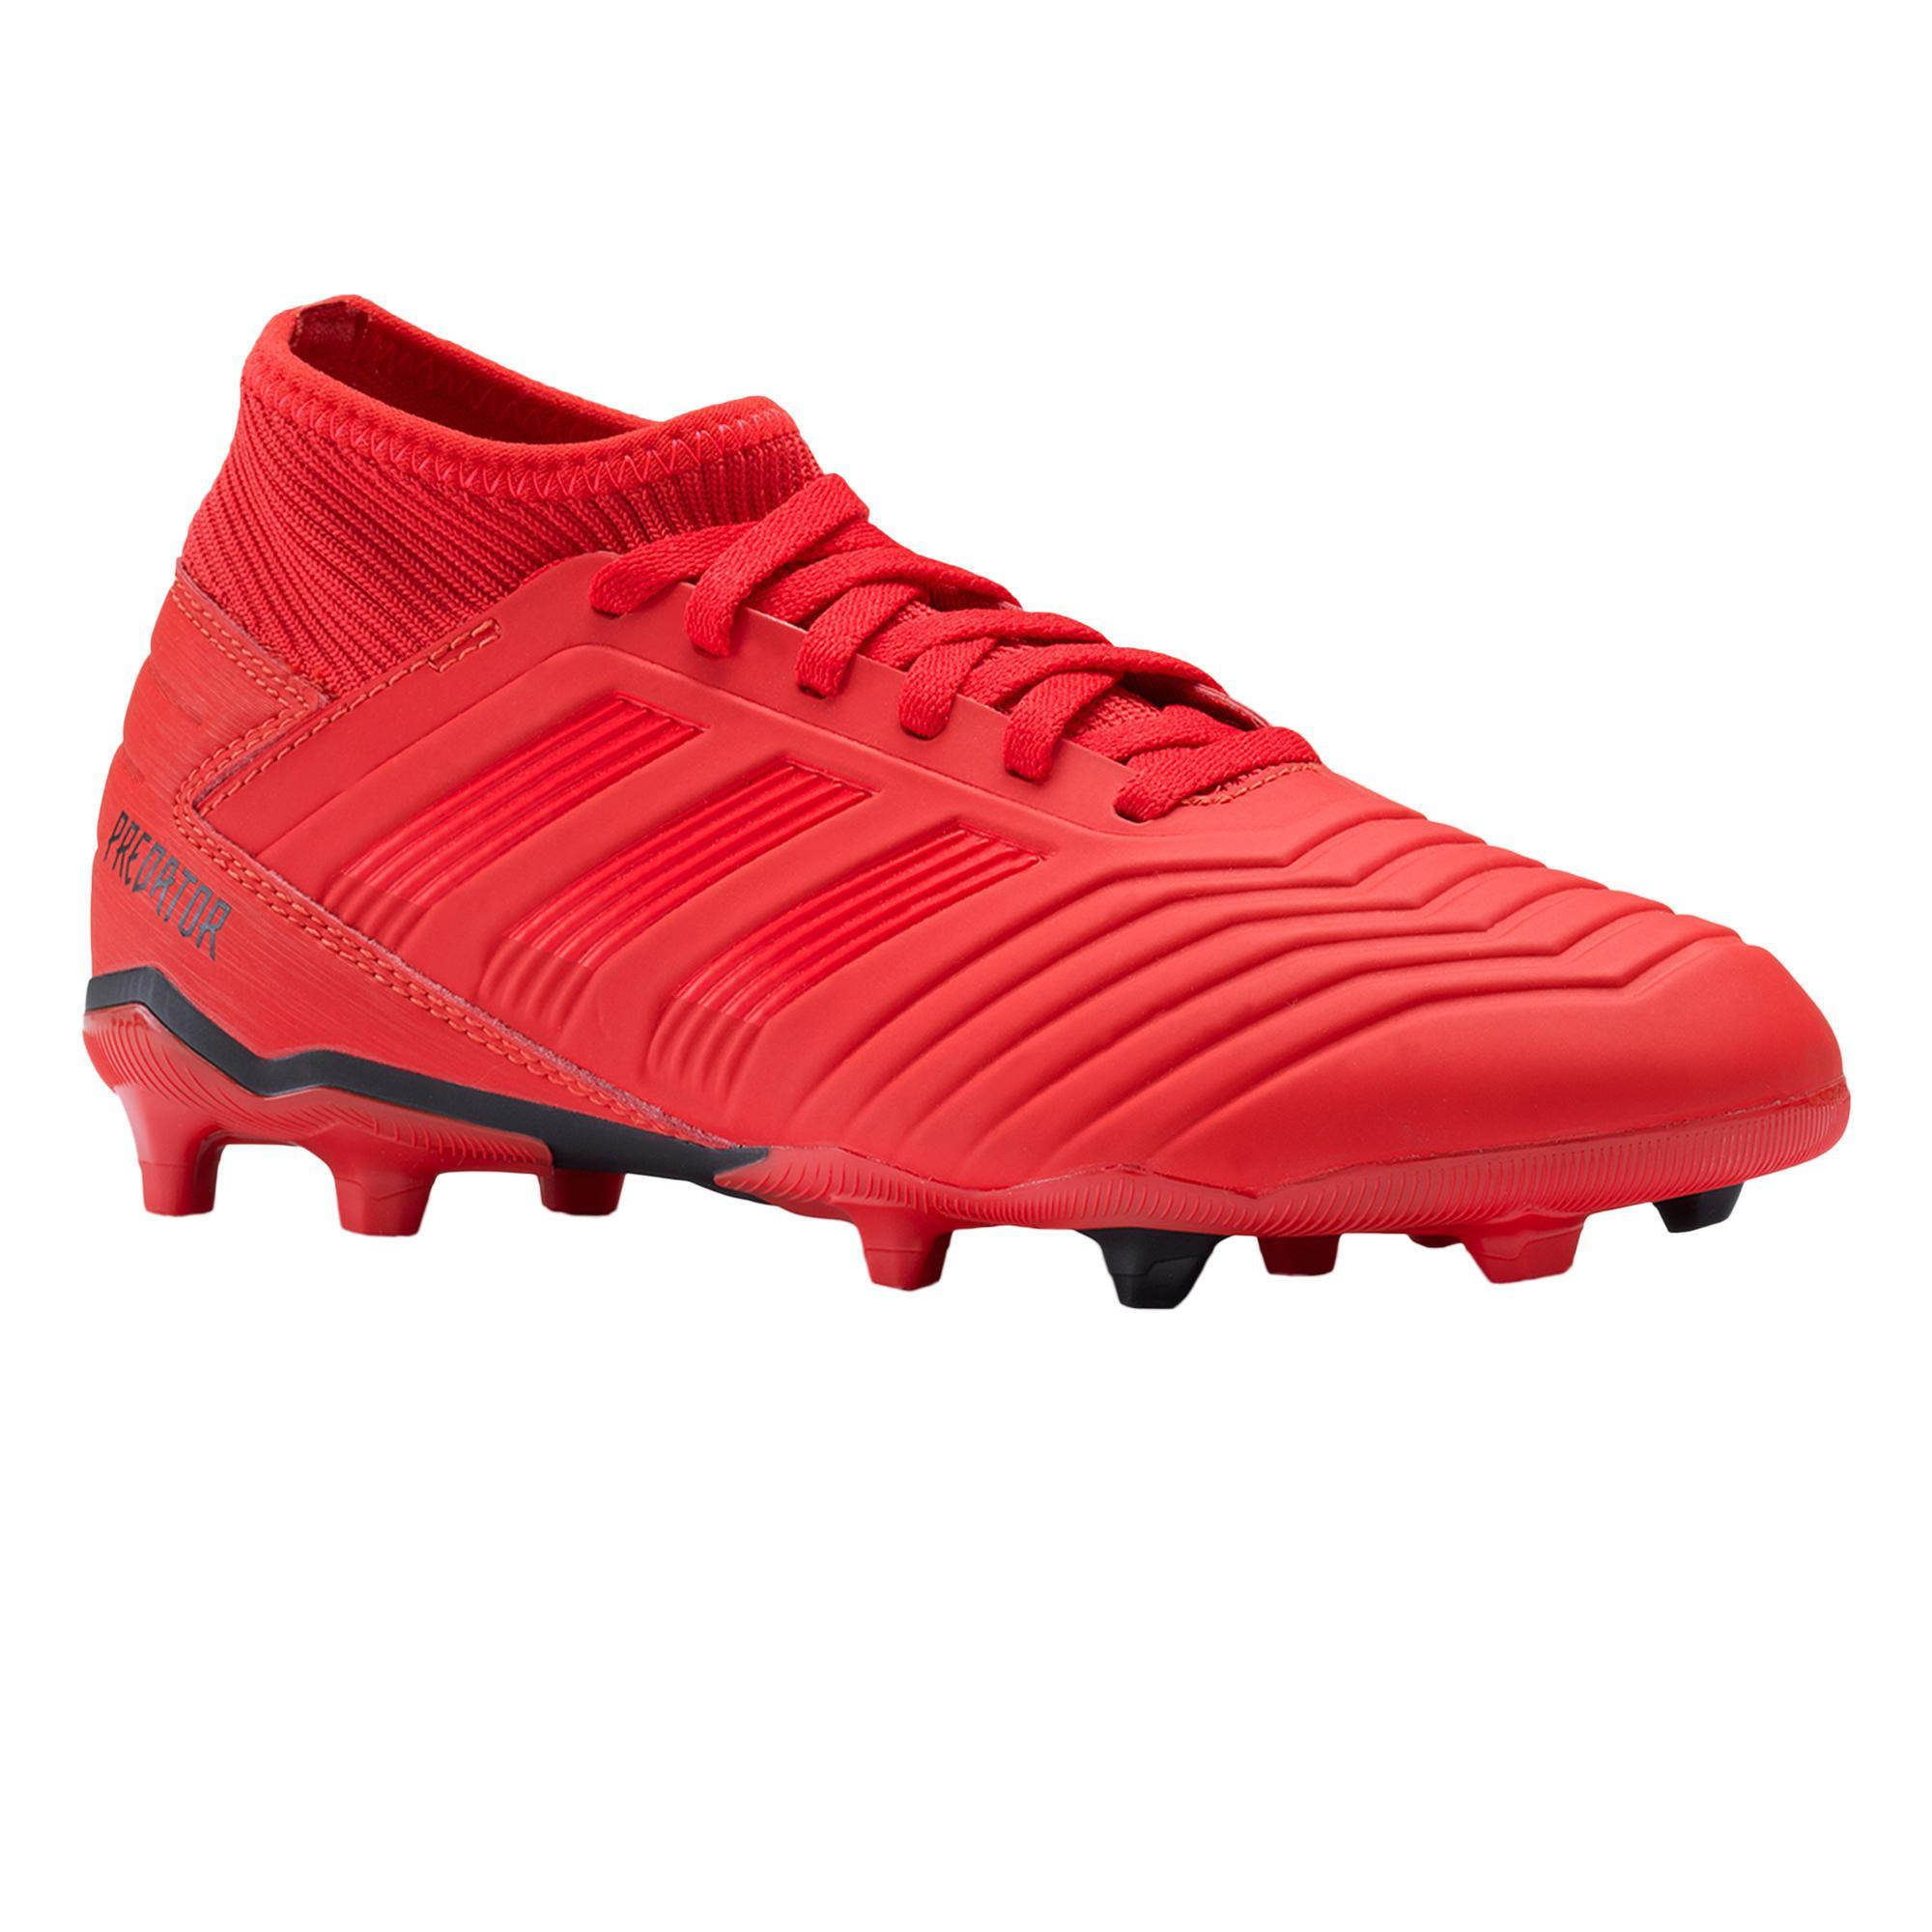 Adidas Voetbalschoenen kind Predator 19.3 FG rood